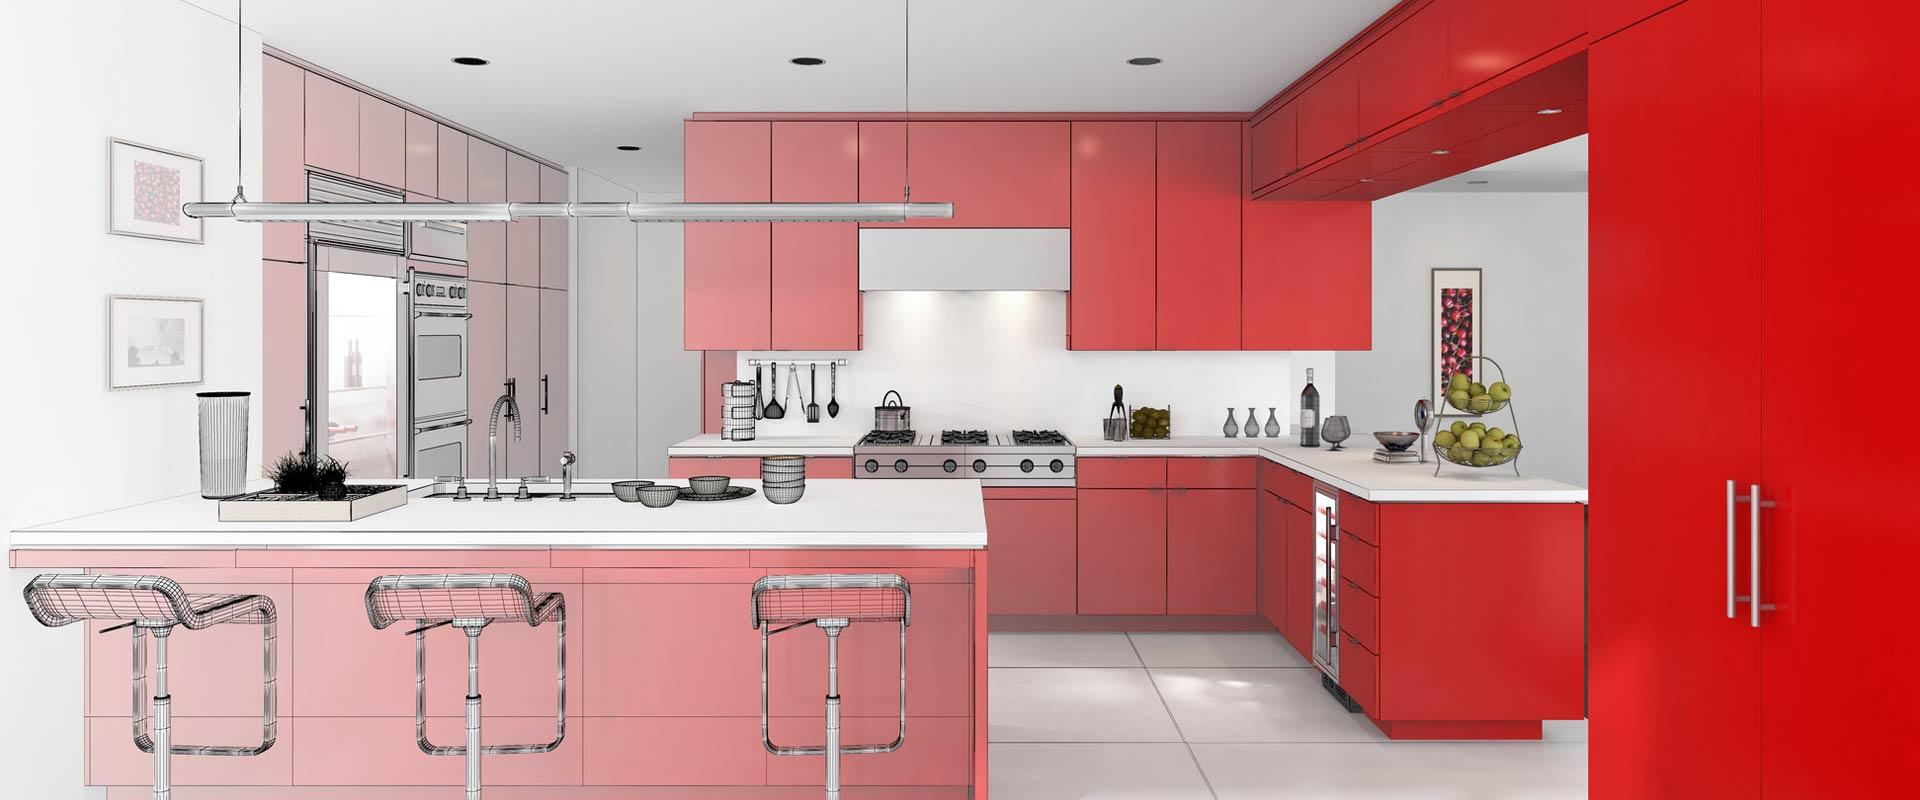 DOMEYER Möbel und Küchen Individuelle Küchenplanung